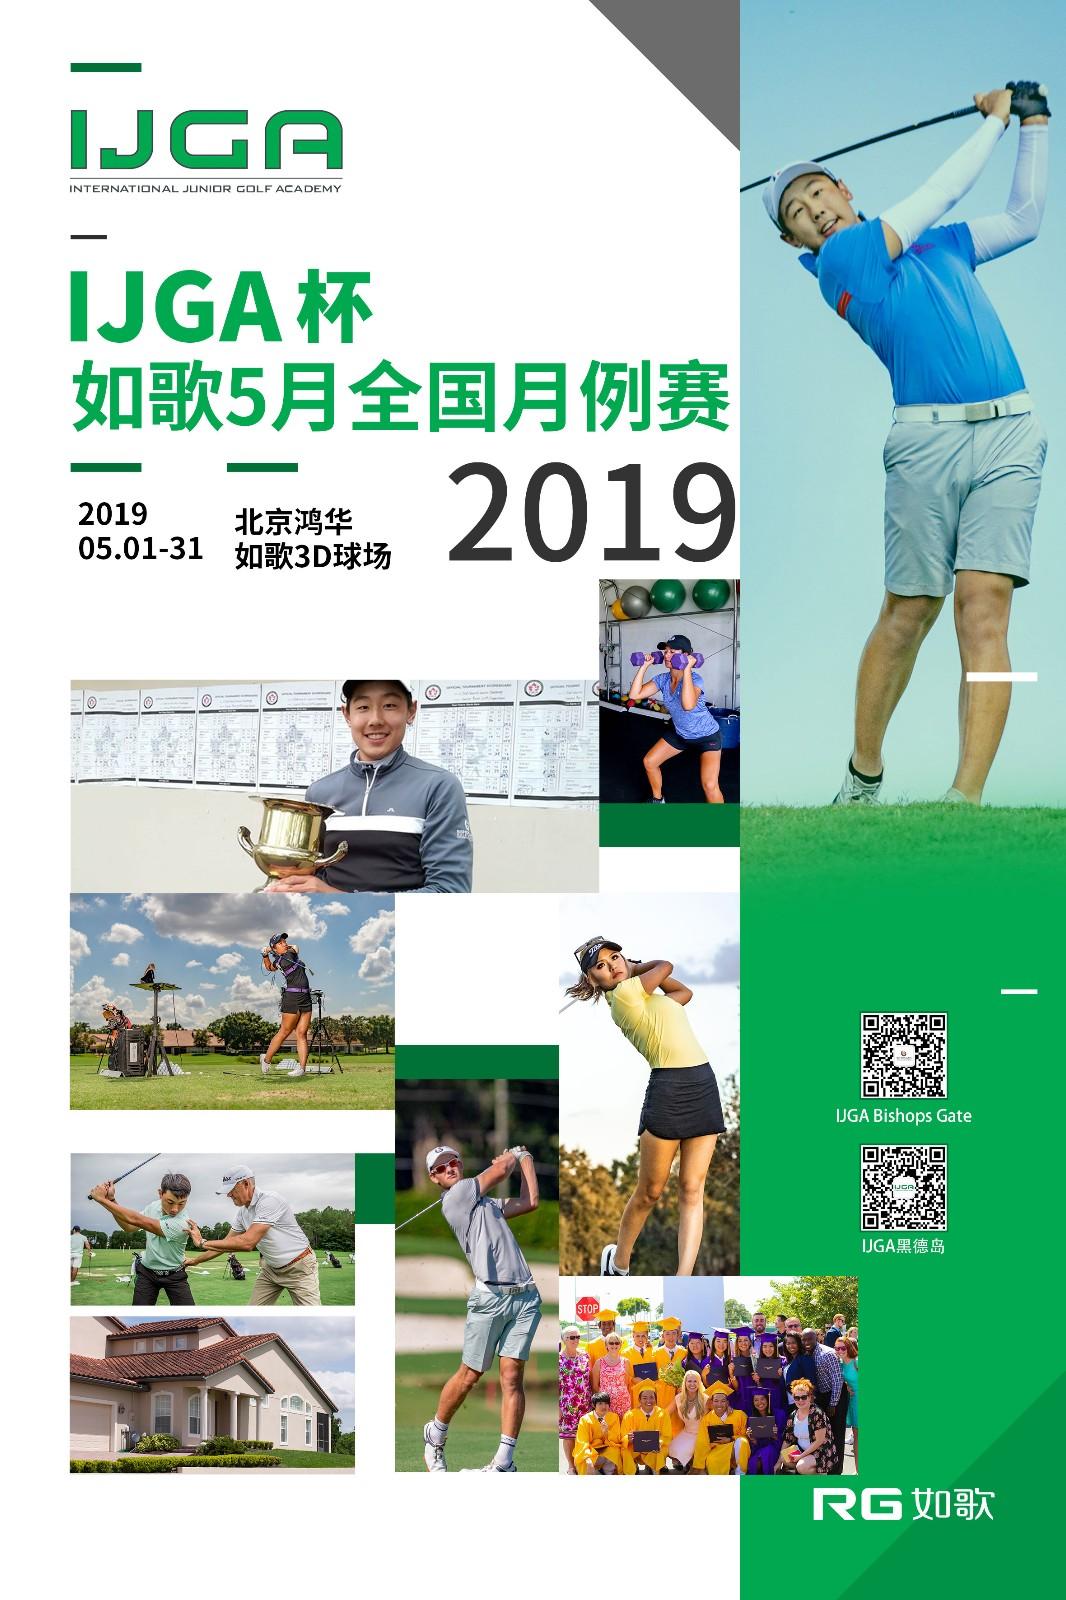 IJGA杯如歌5月全国月例赛.jpg